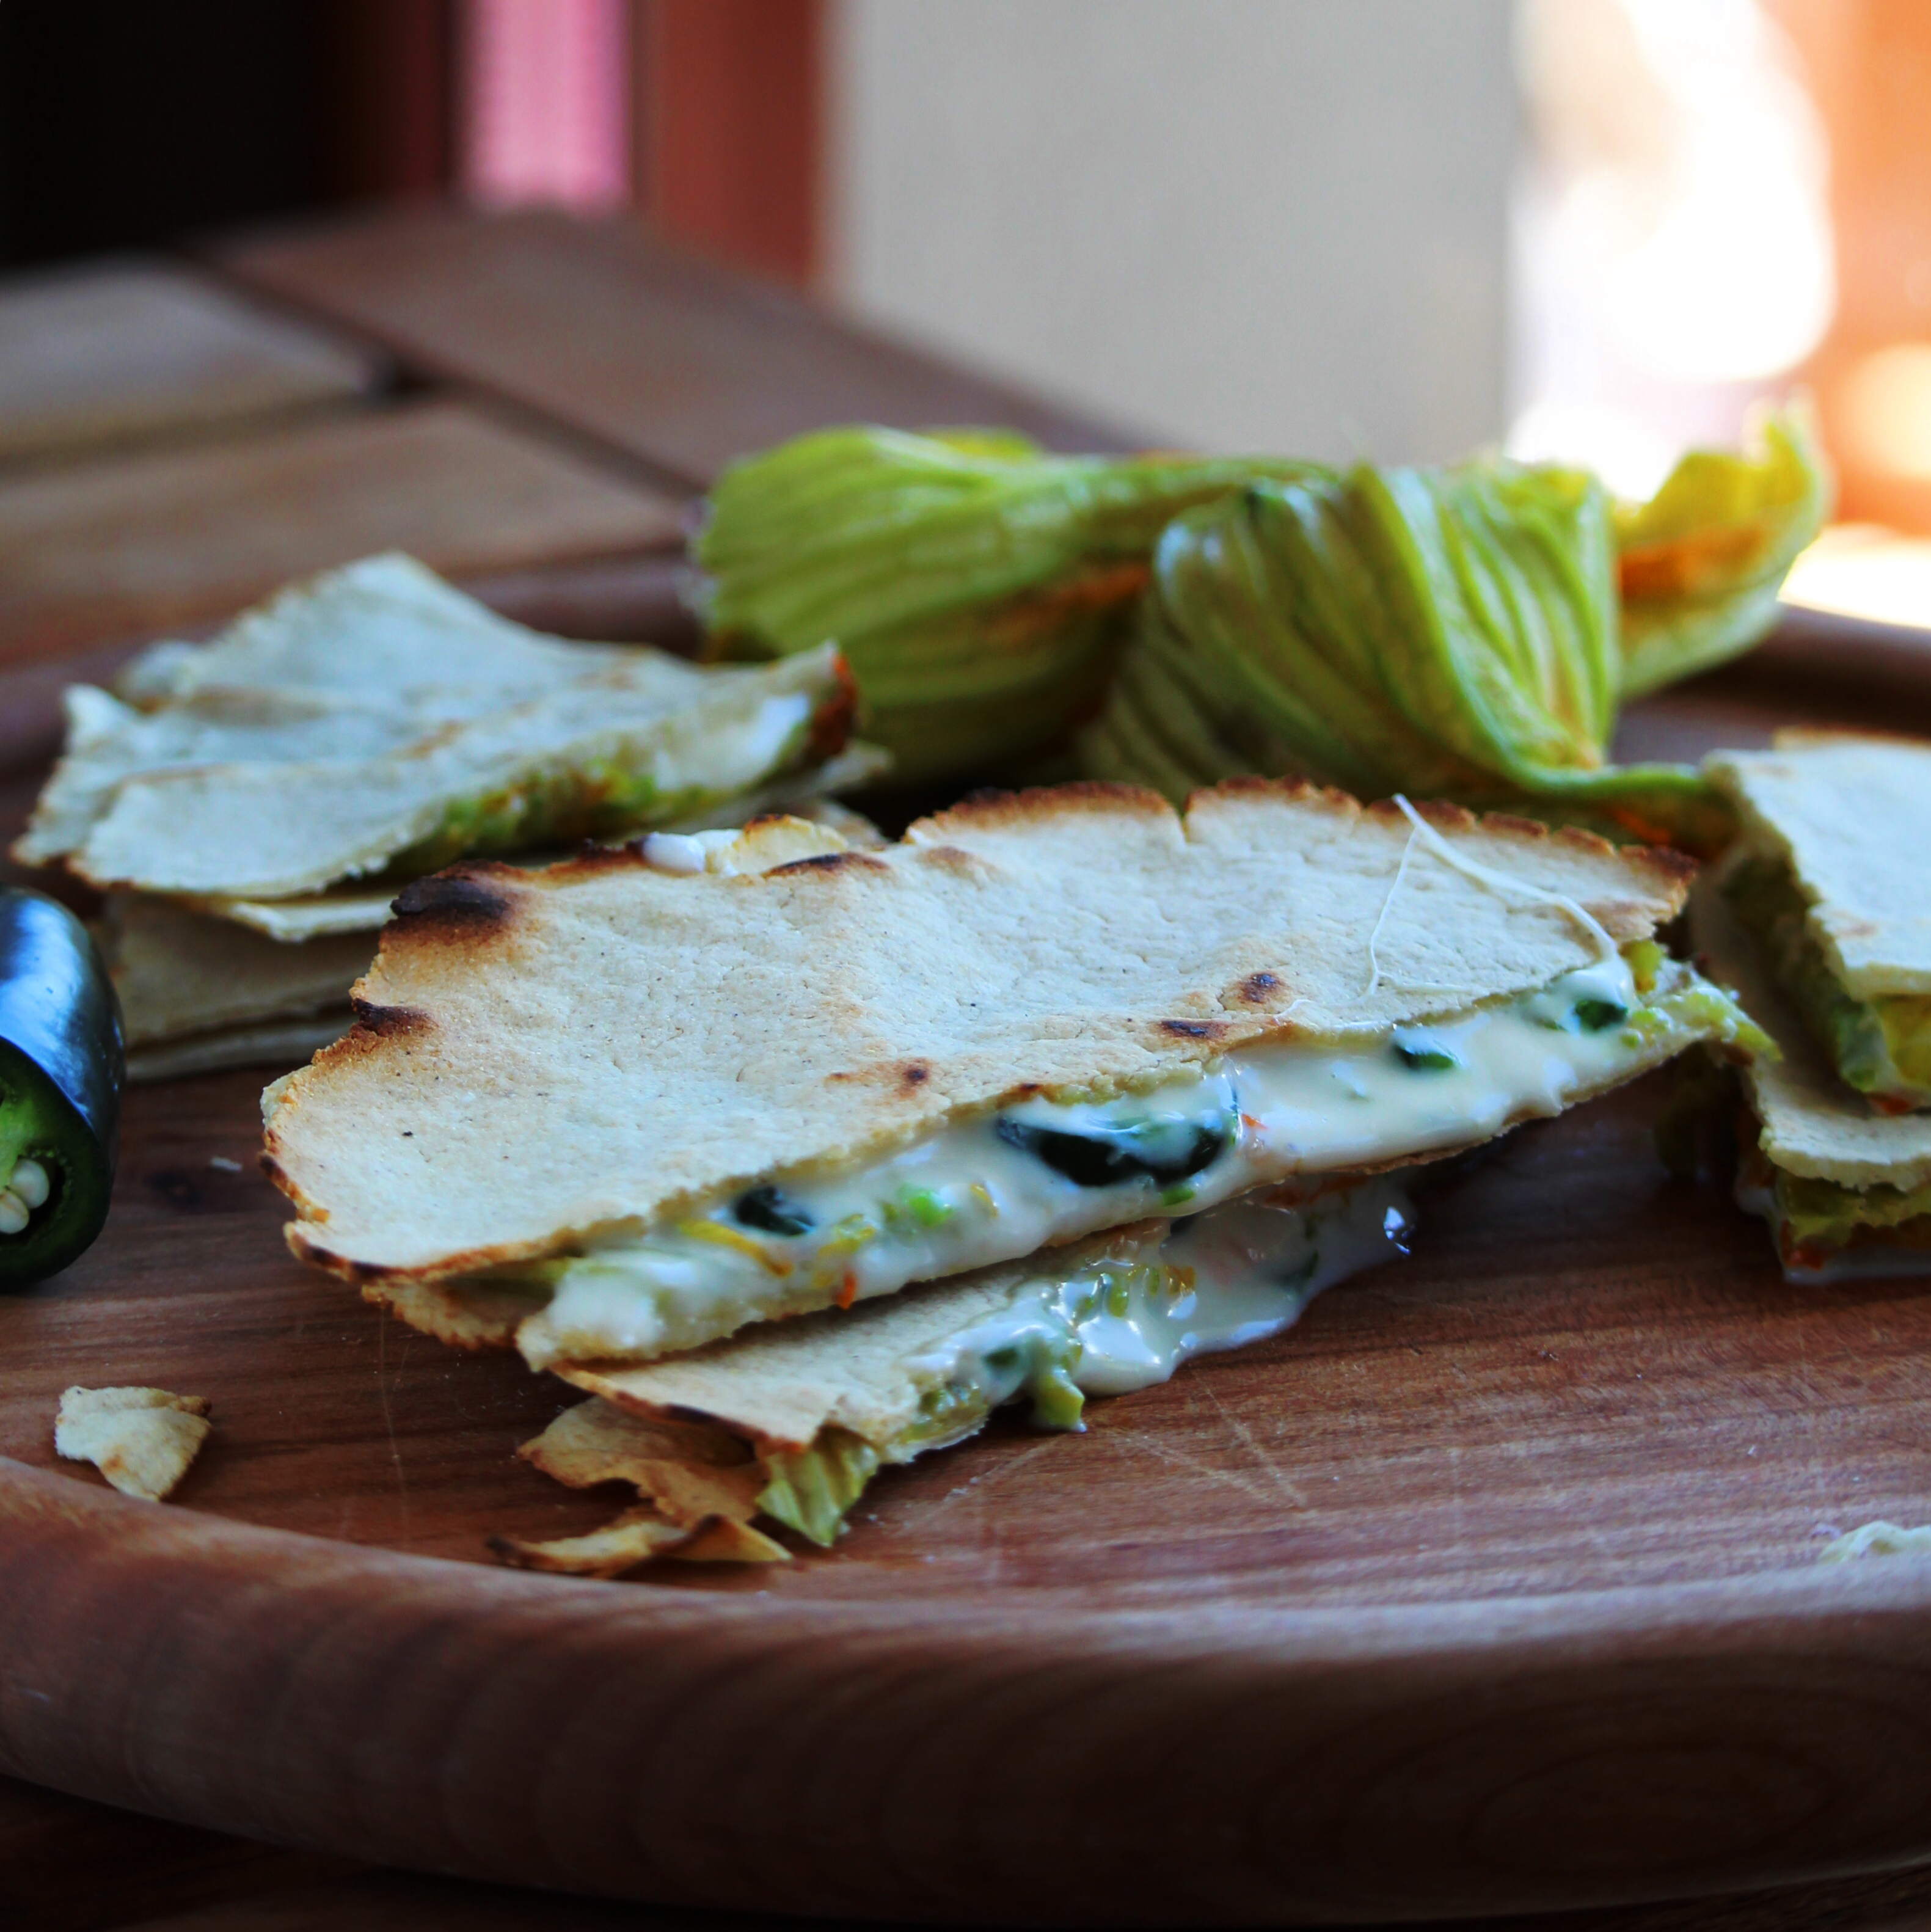 Quesadillas de Flor de Calabaza (Zucchini Blossom Quesadillas)